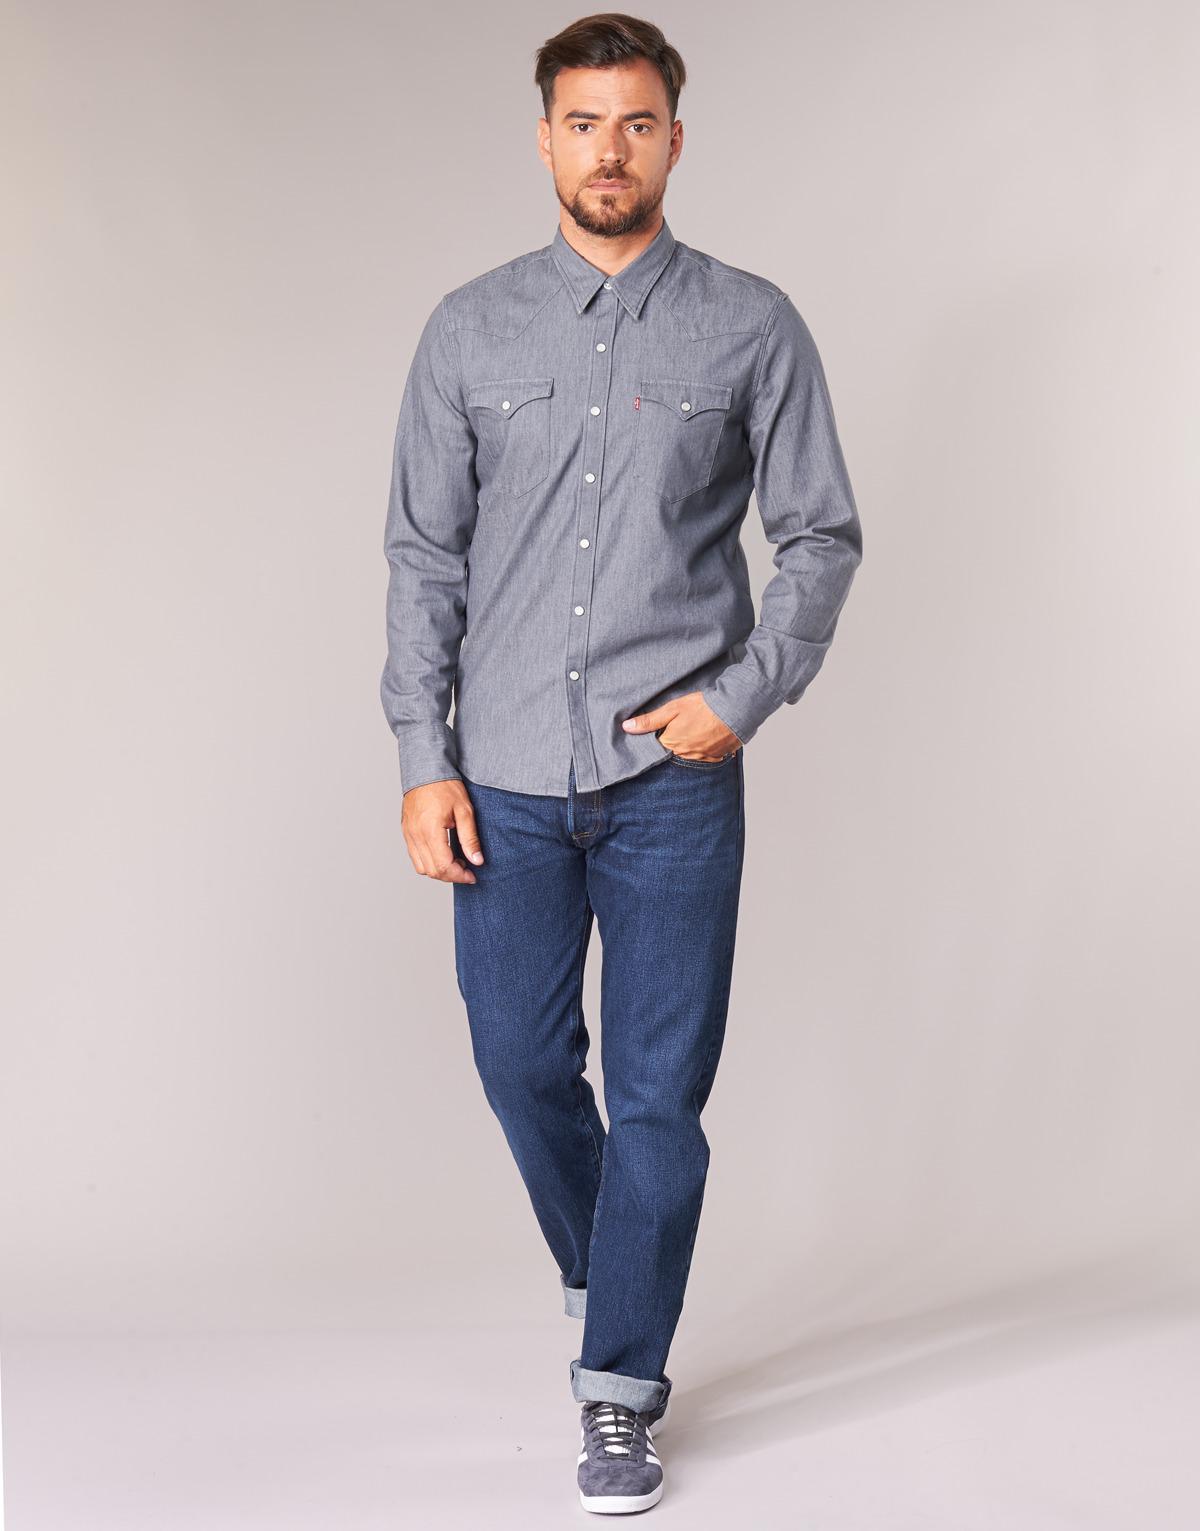 983d4000f8c Levi's Levis 501 Original Fit Men's Jeans In Blue in Blue for Men - Lyst